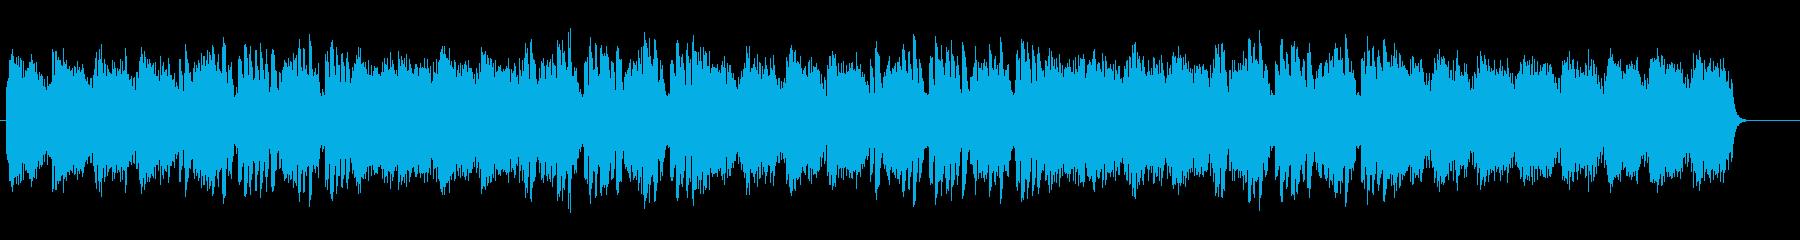 キラキラと煌びやかなテクノポップサウンドの再生済みの波形